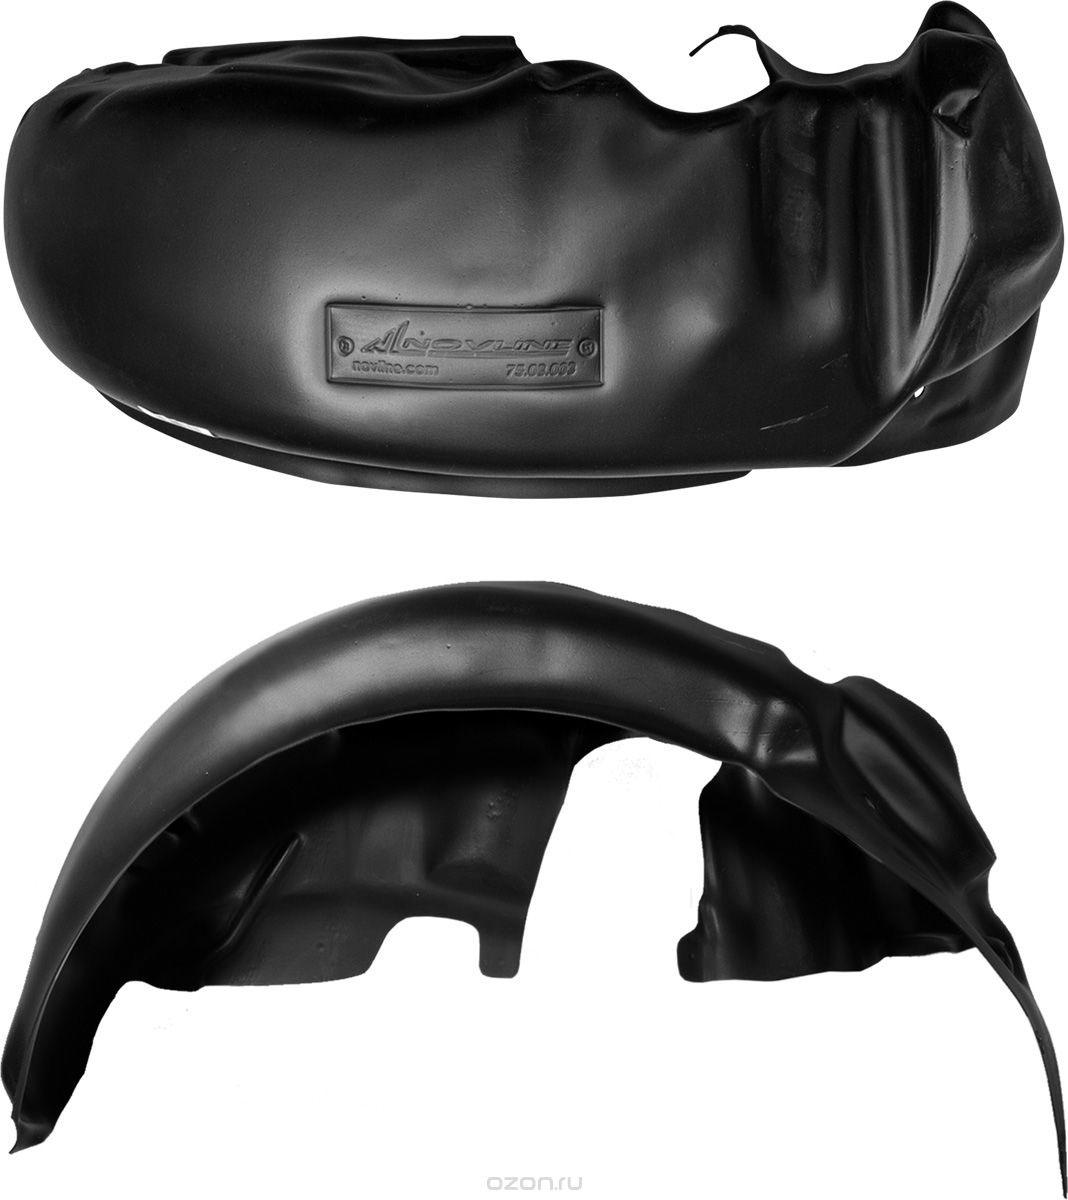 Подкрылок Novline-Autofamily, для Nissan Qashqai+2, 2008-2013, задний левыйNLL.36.24.003Идеальная защита колесной ниши. Локеры разработаны с применением цифровых технологий, гарантируют максимальную повторяемость поверхности арки. Изделия устанавливаются без нарушения лакокрасочного покрытия автомобиля, каждый подкрылок комплектуется крепежом. Уважаемые клиенты, обращаем ваше внимание, что фотографии на подкрылки универсальные и не отражают реальную форму изделия. При этом само изделие идет точно под размер указанного автомобиля.